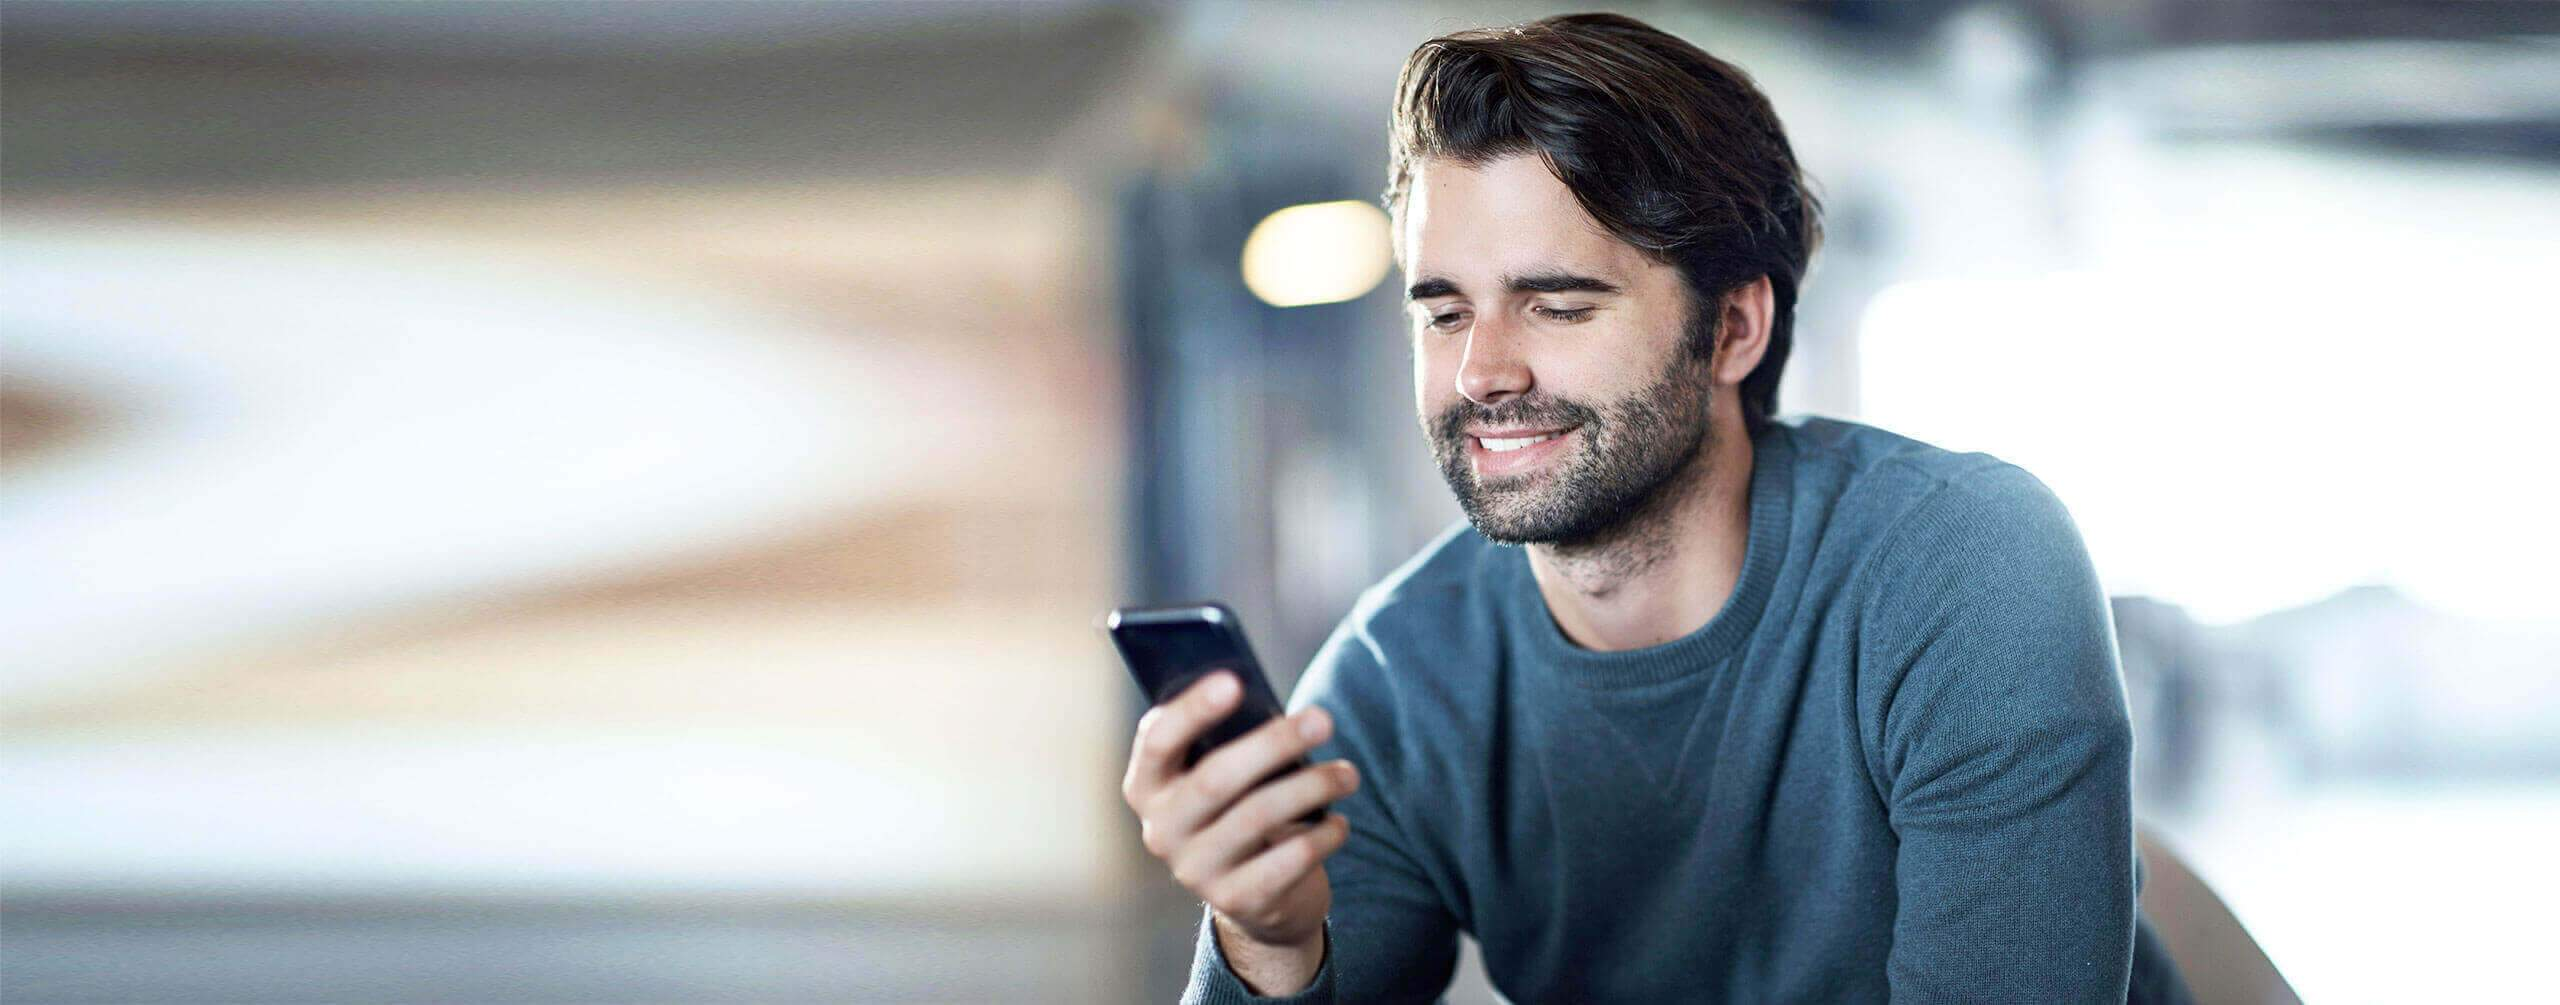 Digitale Gesundheitsanwendungen (DiGAs)